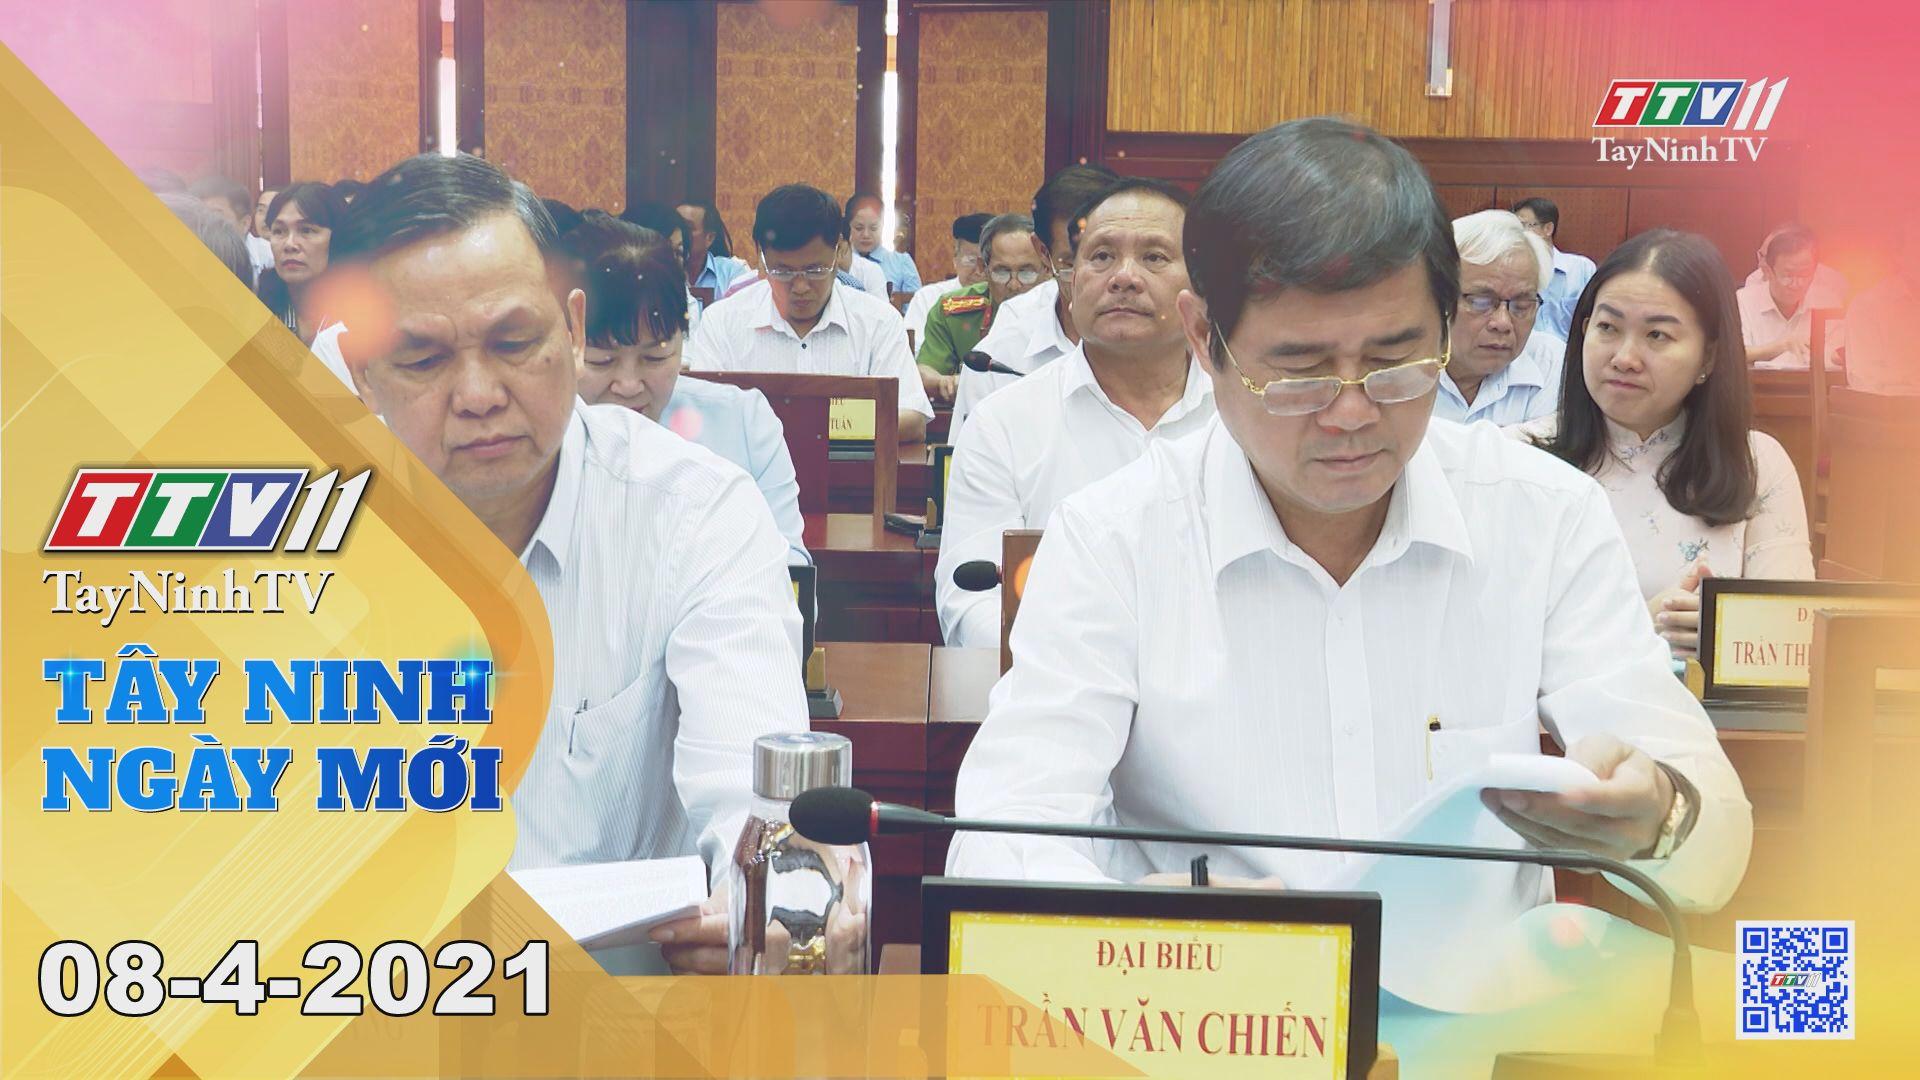 Tây Ninh Ngày Mới 08-4-2021 | Tin tức hôm nay | TayNinhTV